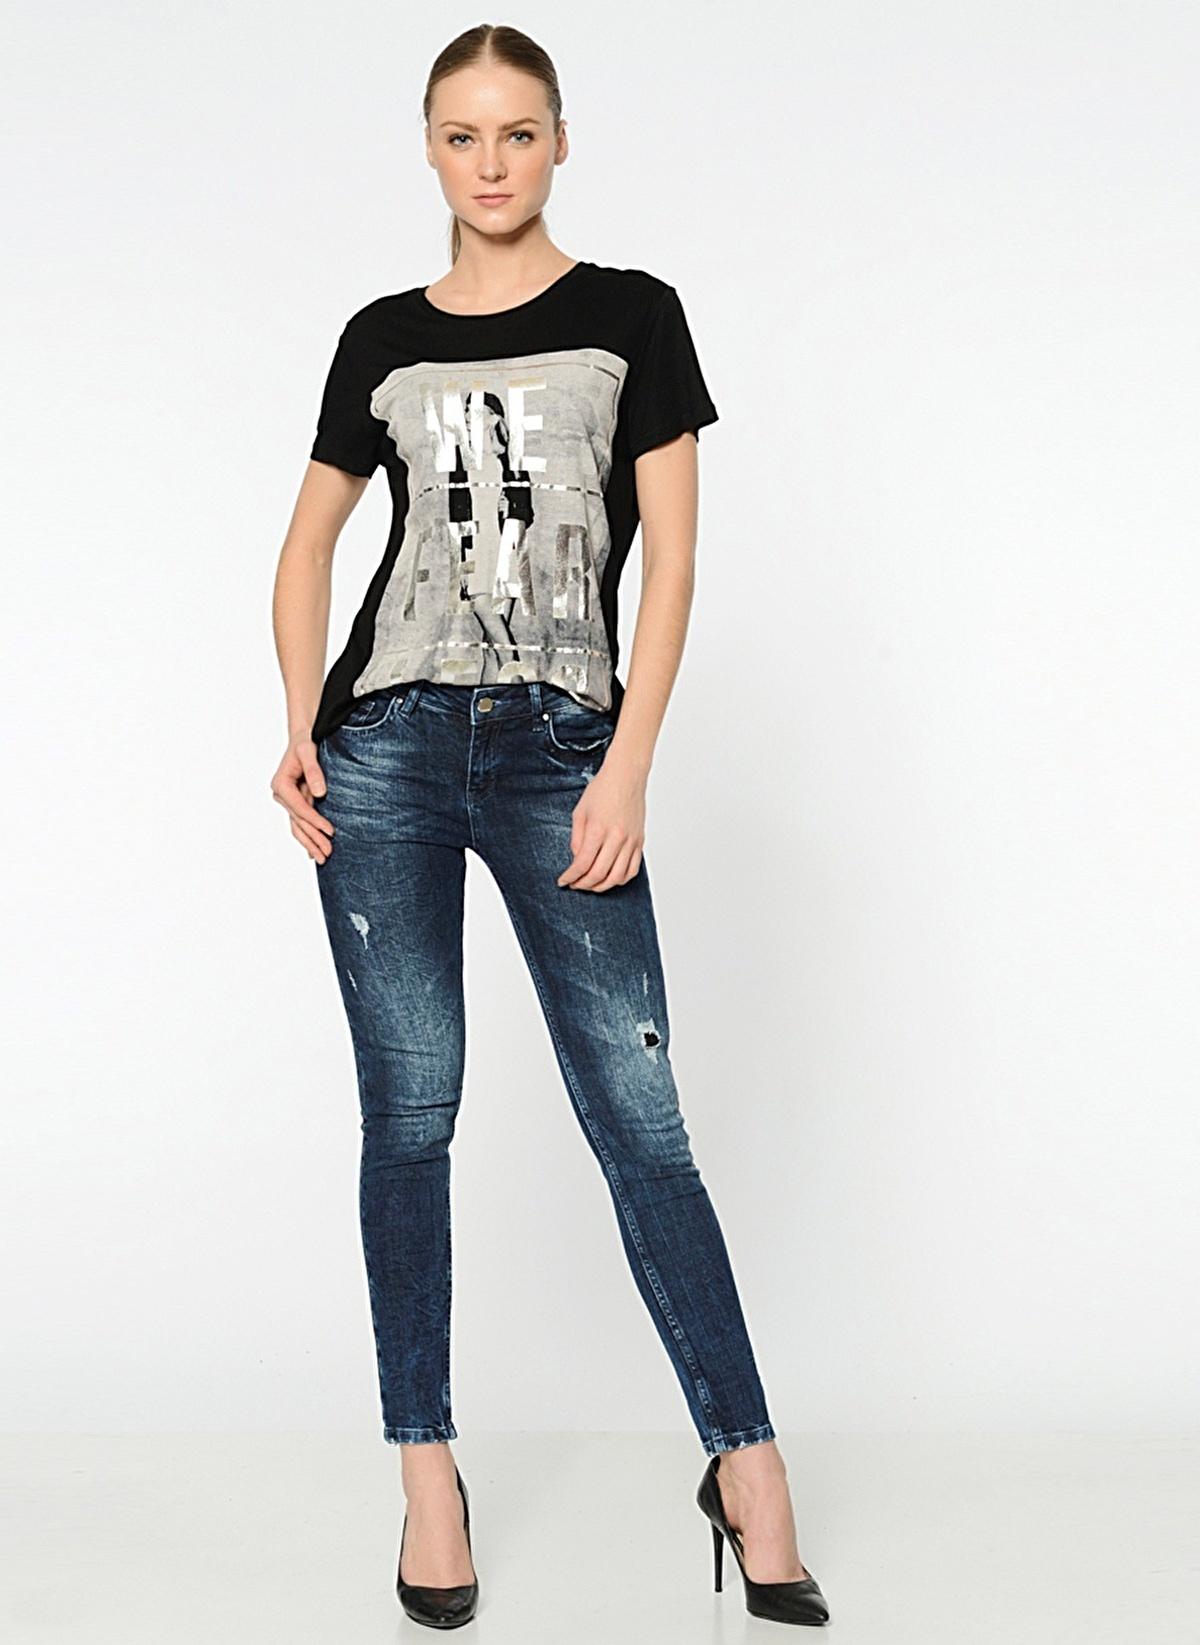 Fabrika Jean Pantolon 3049541 K Denim Pantolon – 59.9 TL